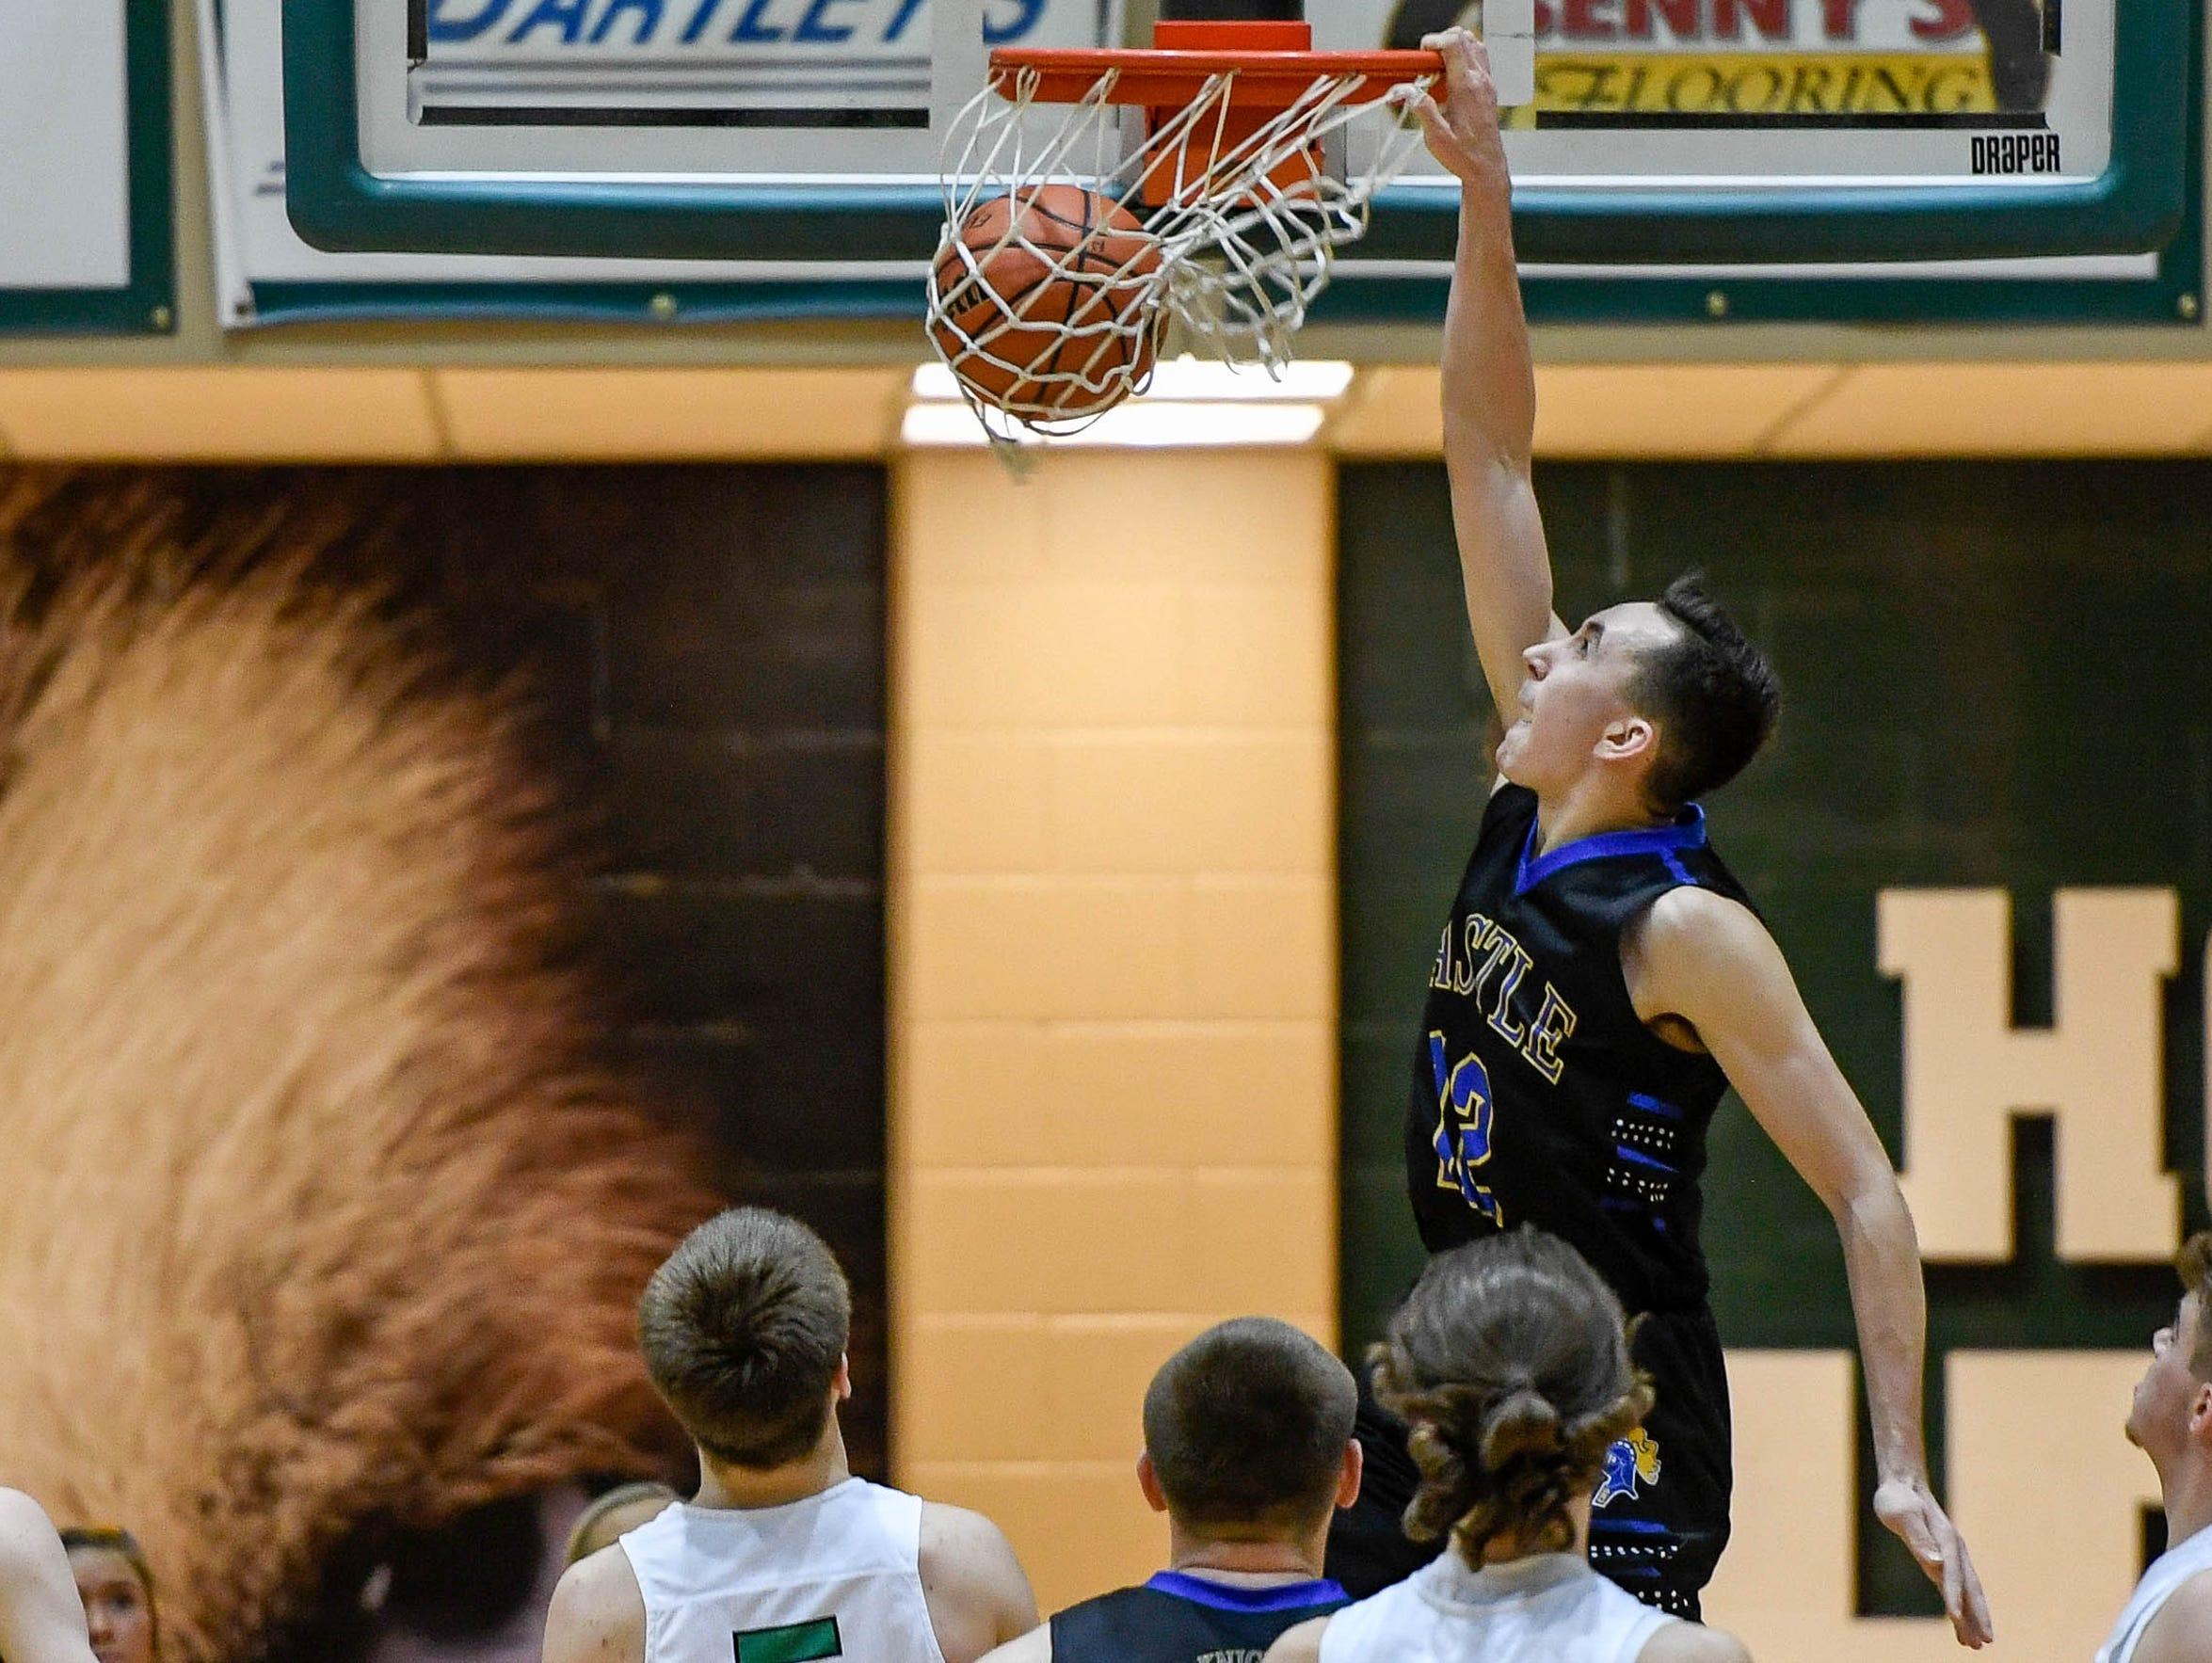 Castle's Alex Hemenway (12) gets a dunk as the Castle